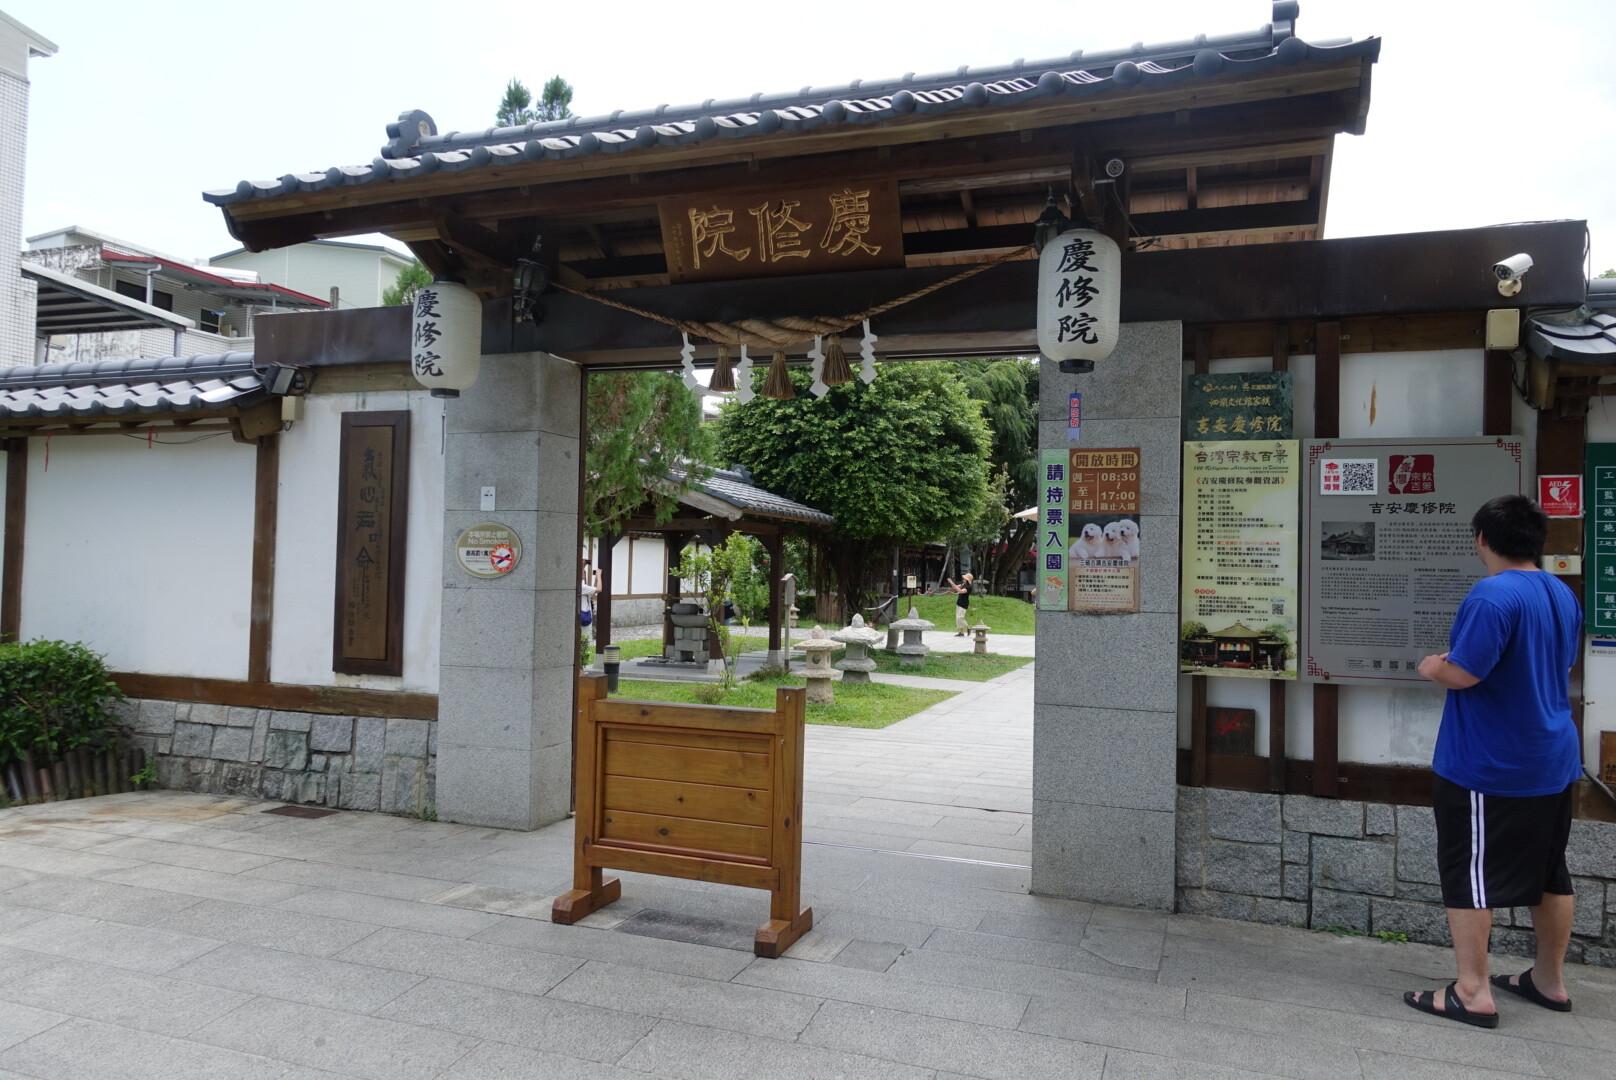 【花蓮景點】吉安慶修院|花蓮必訪的三級古蹟,身著和服來體驗日本風情